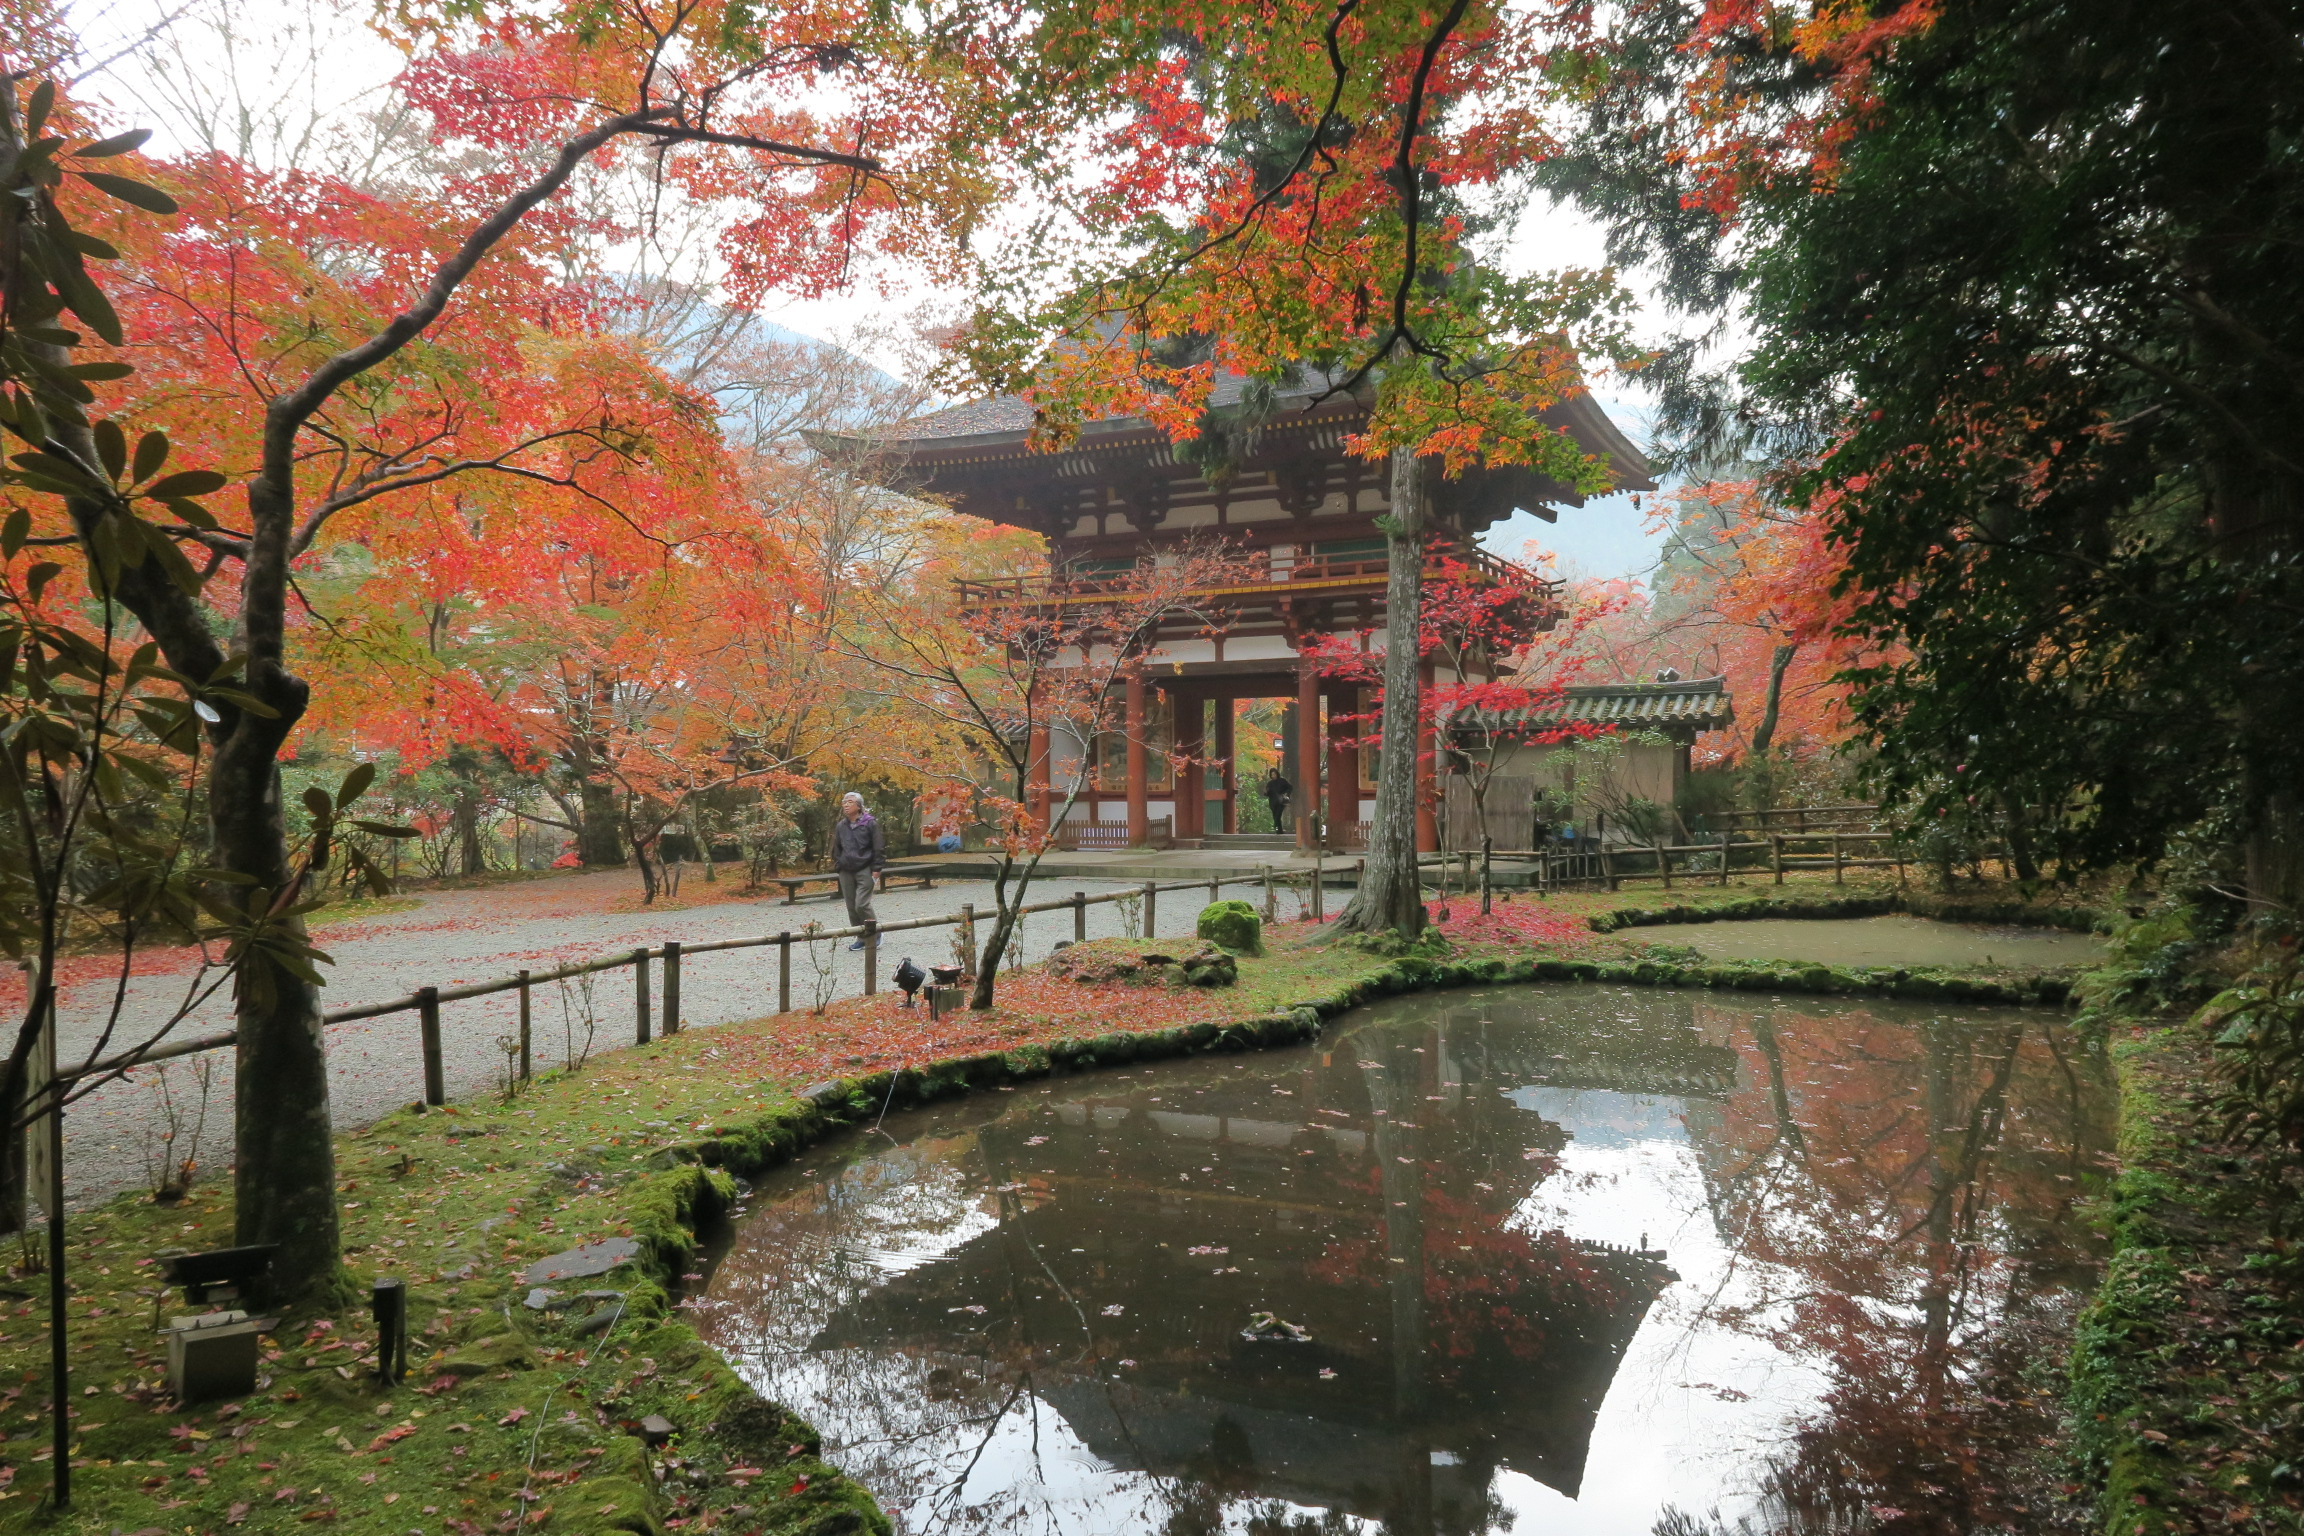 バン字池周辺の紅葉も見事。古地図にはこの辺りに2つの池があったと記録されています。